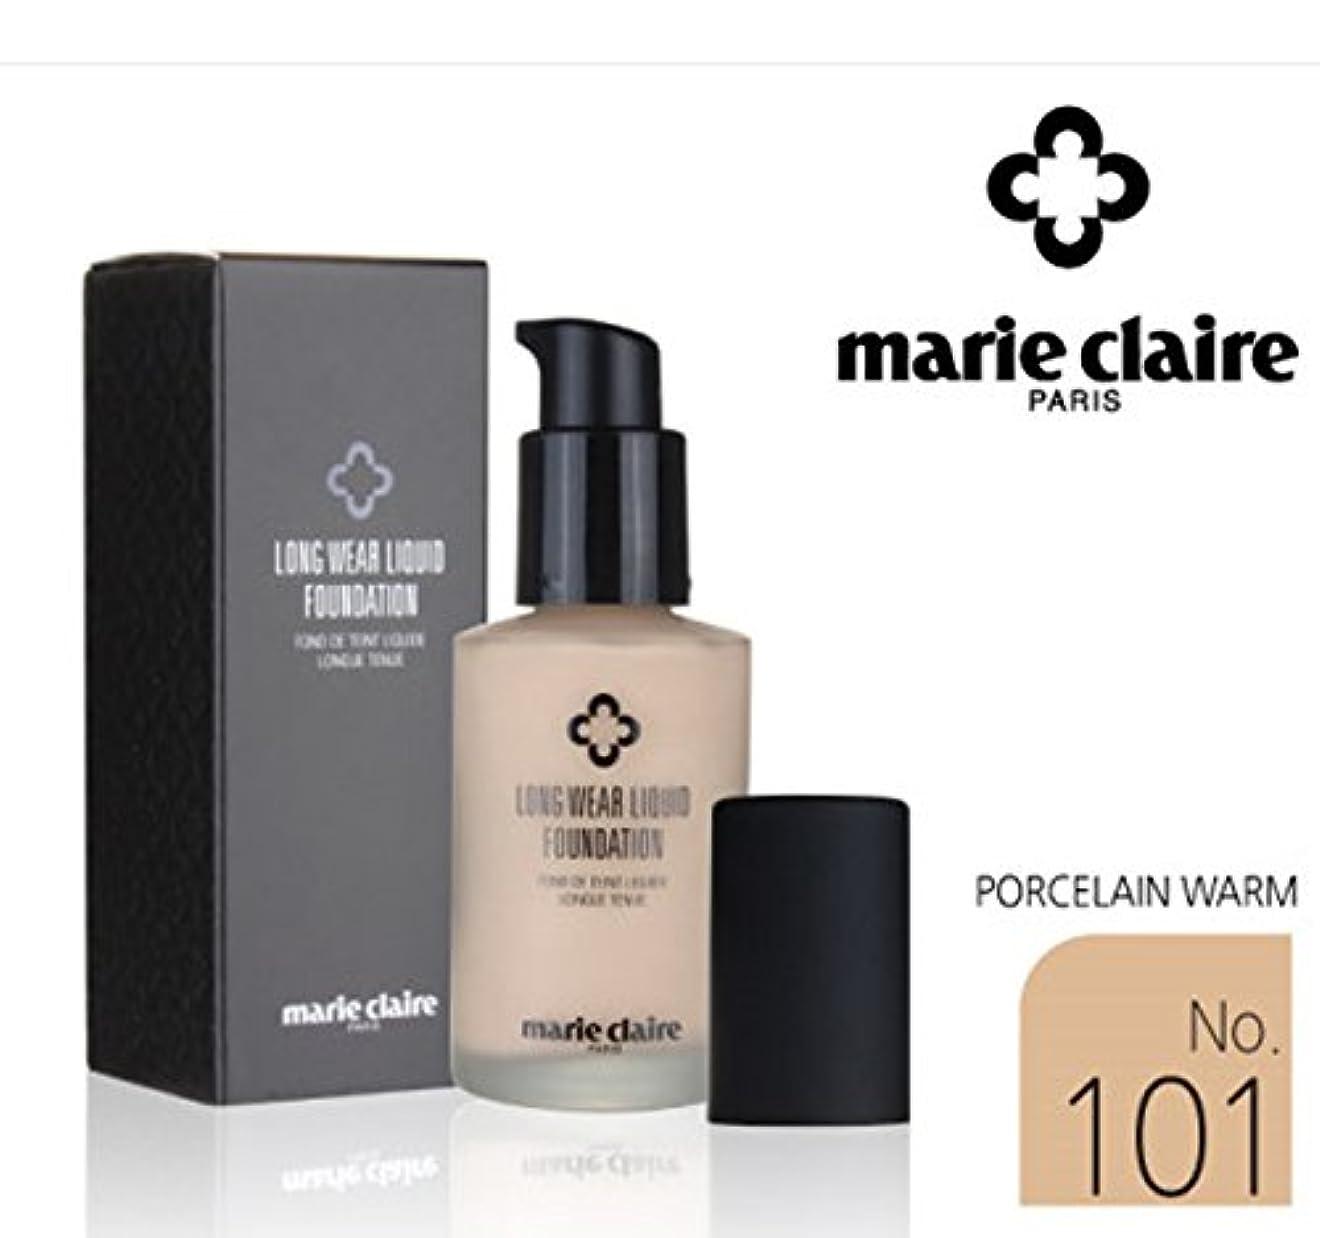 どこバンドベスビオ山[Marie Claire] ロング着用リキッドファンデーションSPF31 PA++30ml / Long Wear Liquid Foundation SPF31 PA ++ 30ml / NO.101 Porcelain Worm / NO.101磁器ワーム / 美白、シワ、紫外線 / whitening, wrinkles, UV ray / 韓国化粧品 / Korean Cosmetics [並行輸入品]